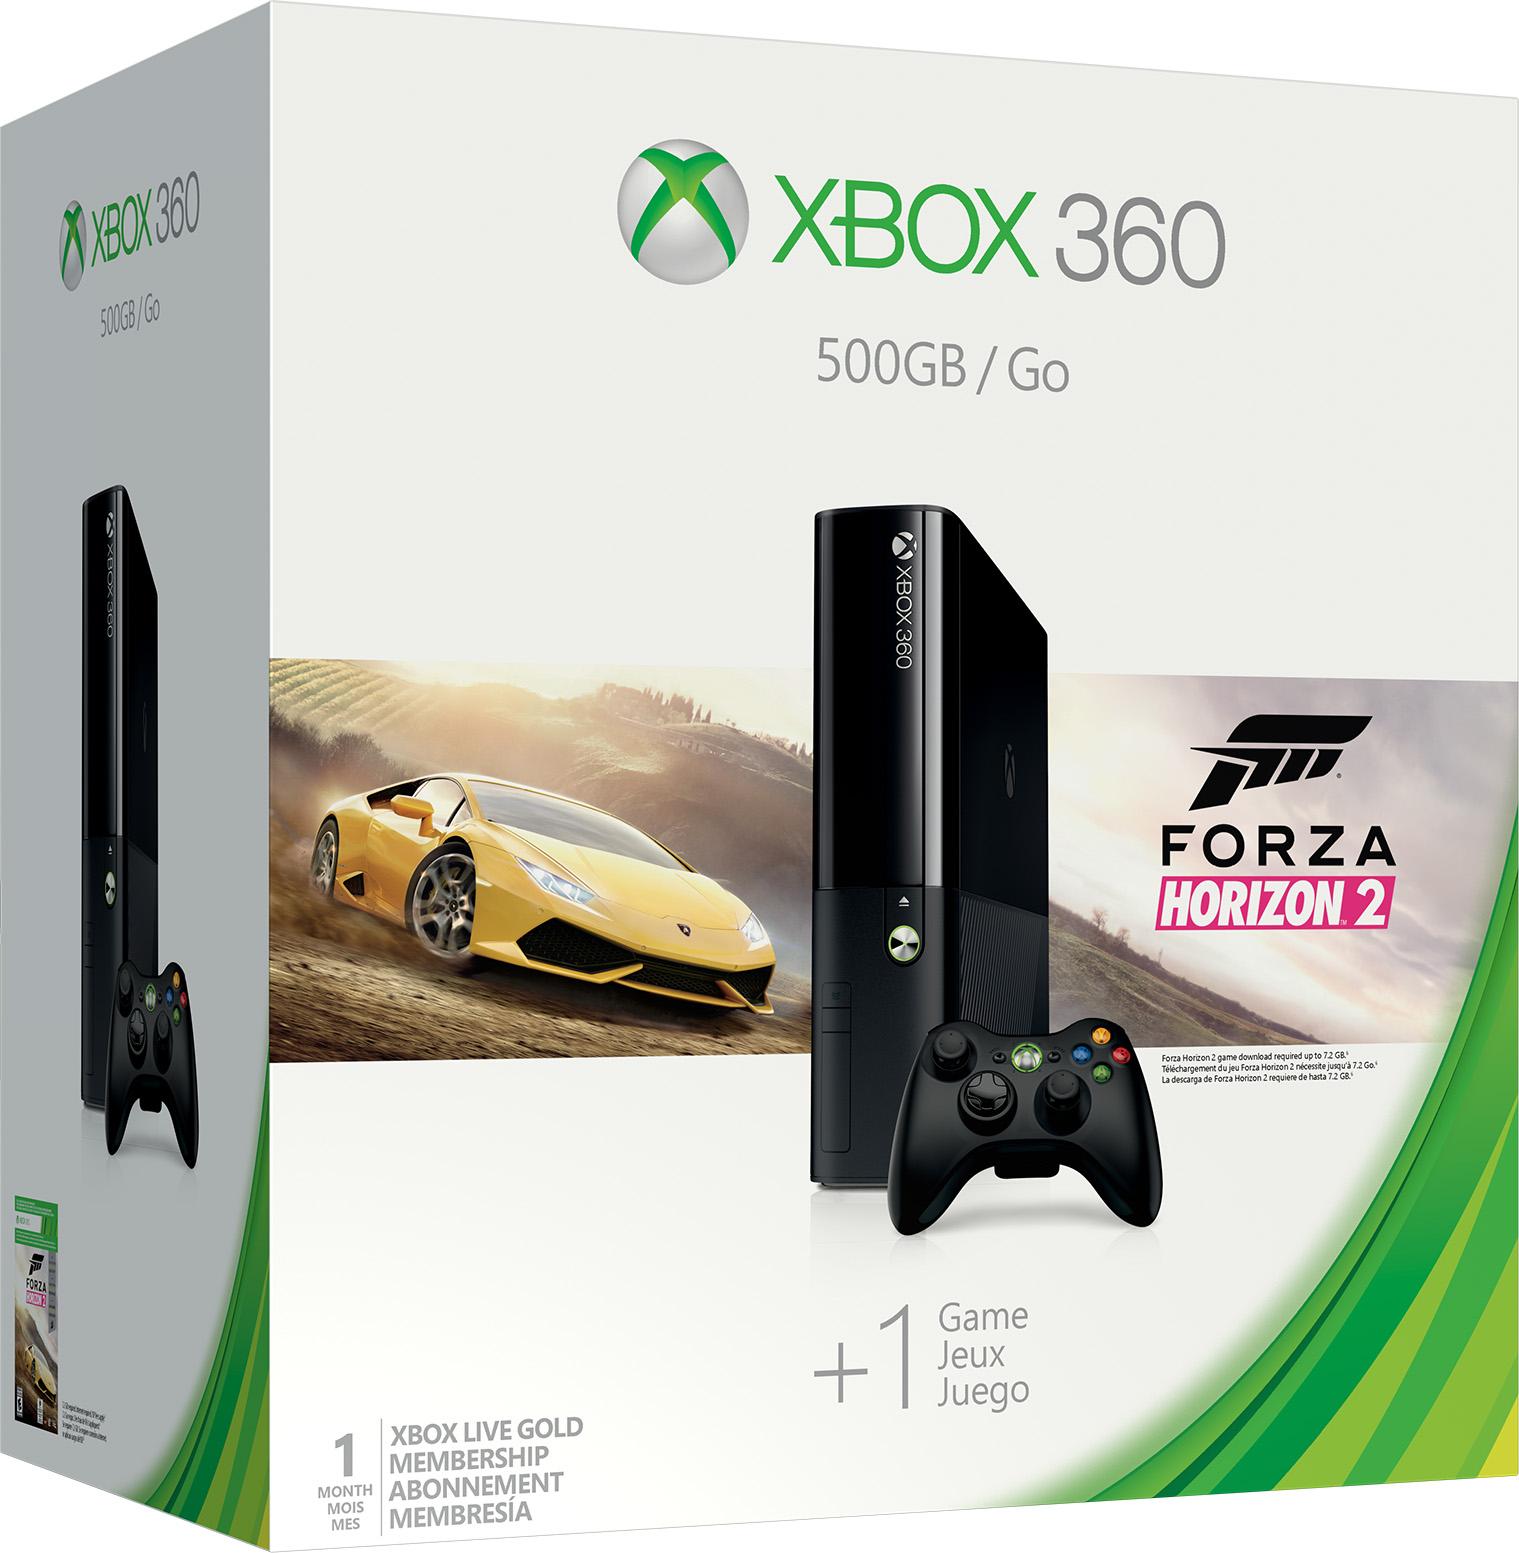 Xbox 360 500GB Console